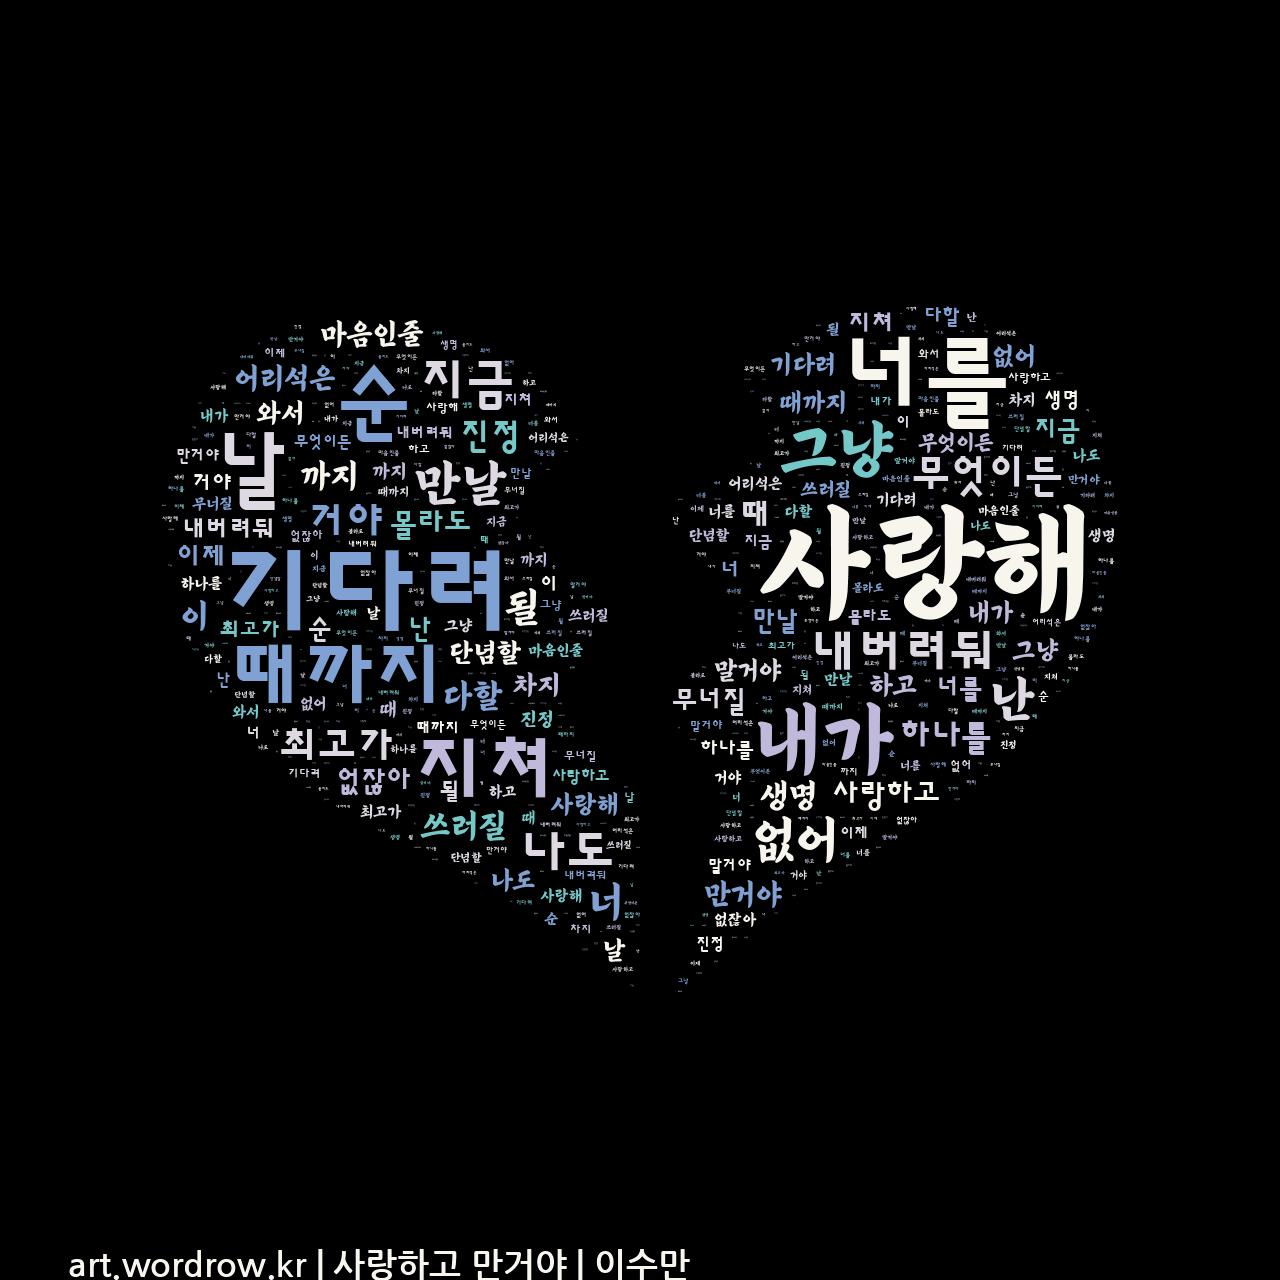 워드 클라우드: 사랑하고 만거야 [이수만]-72